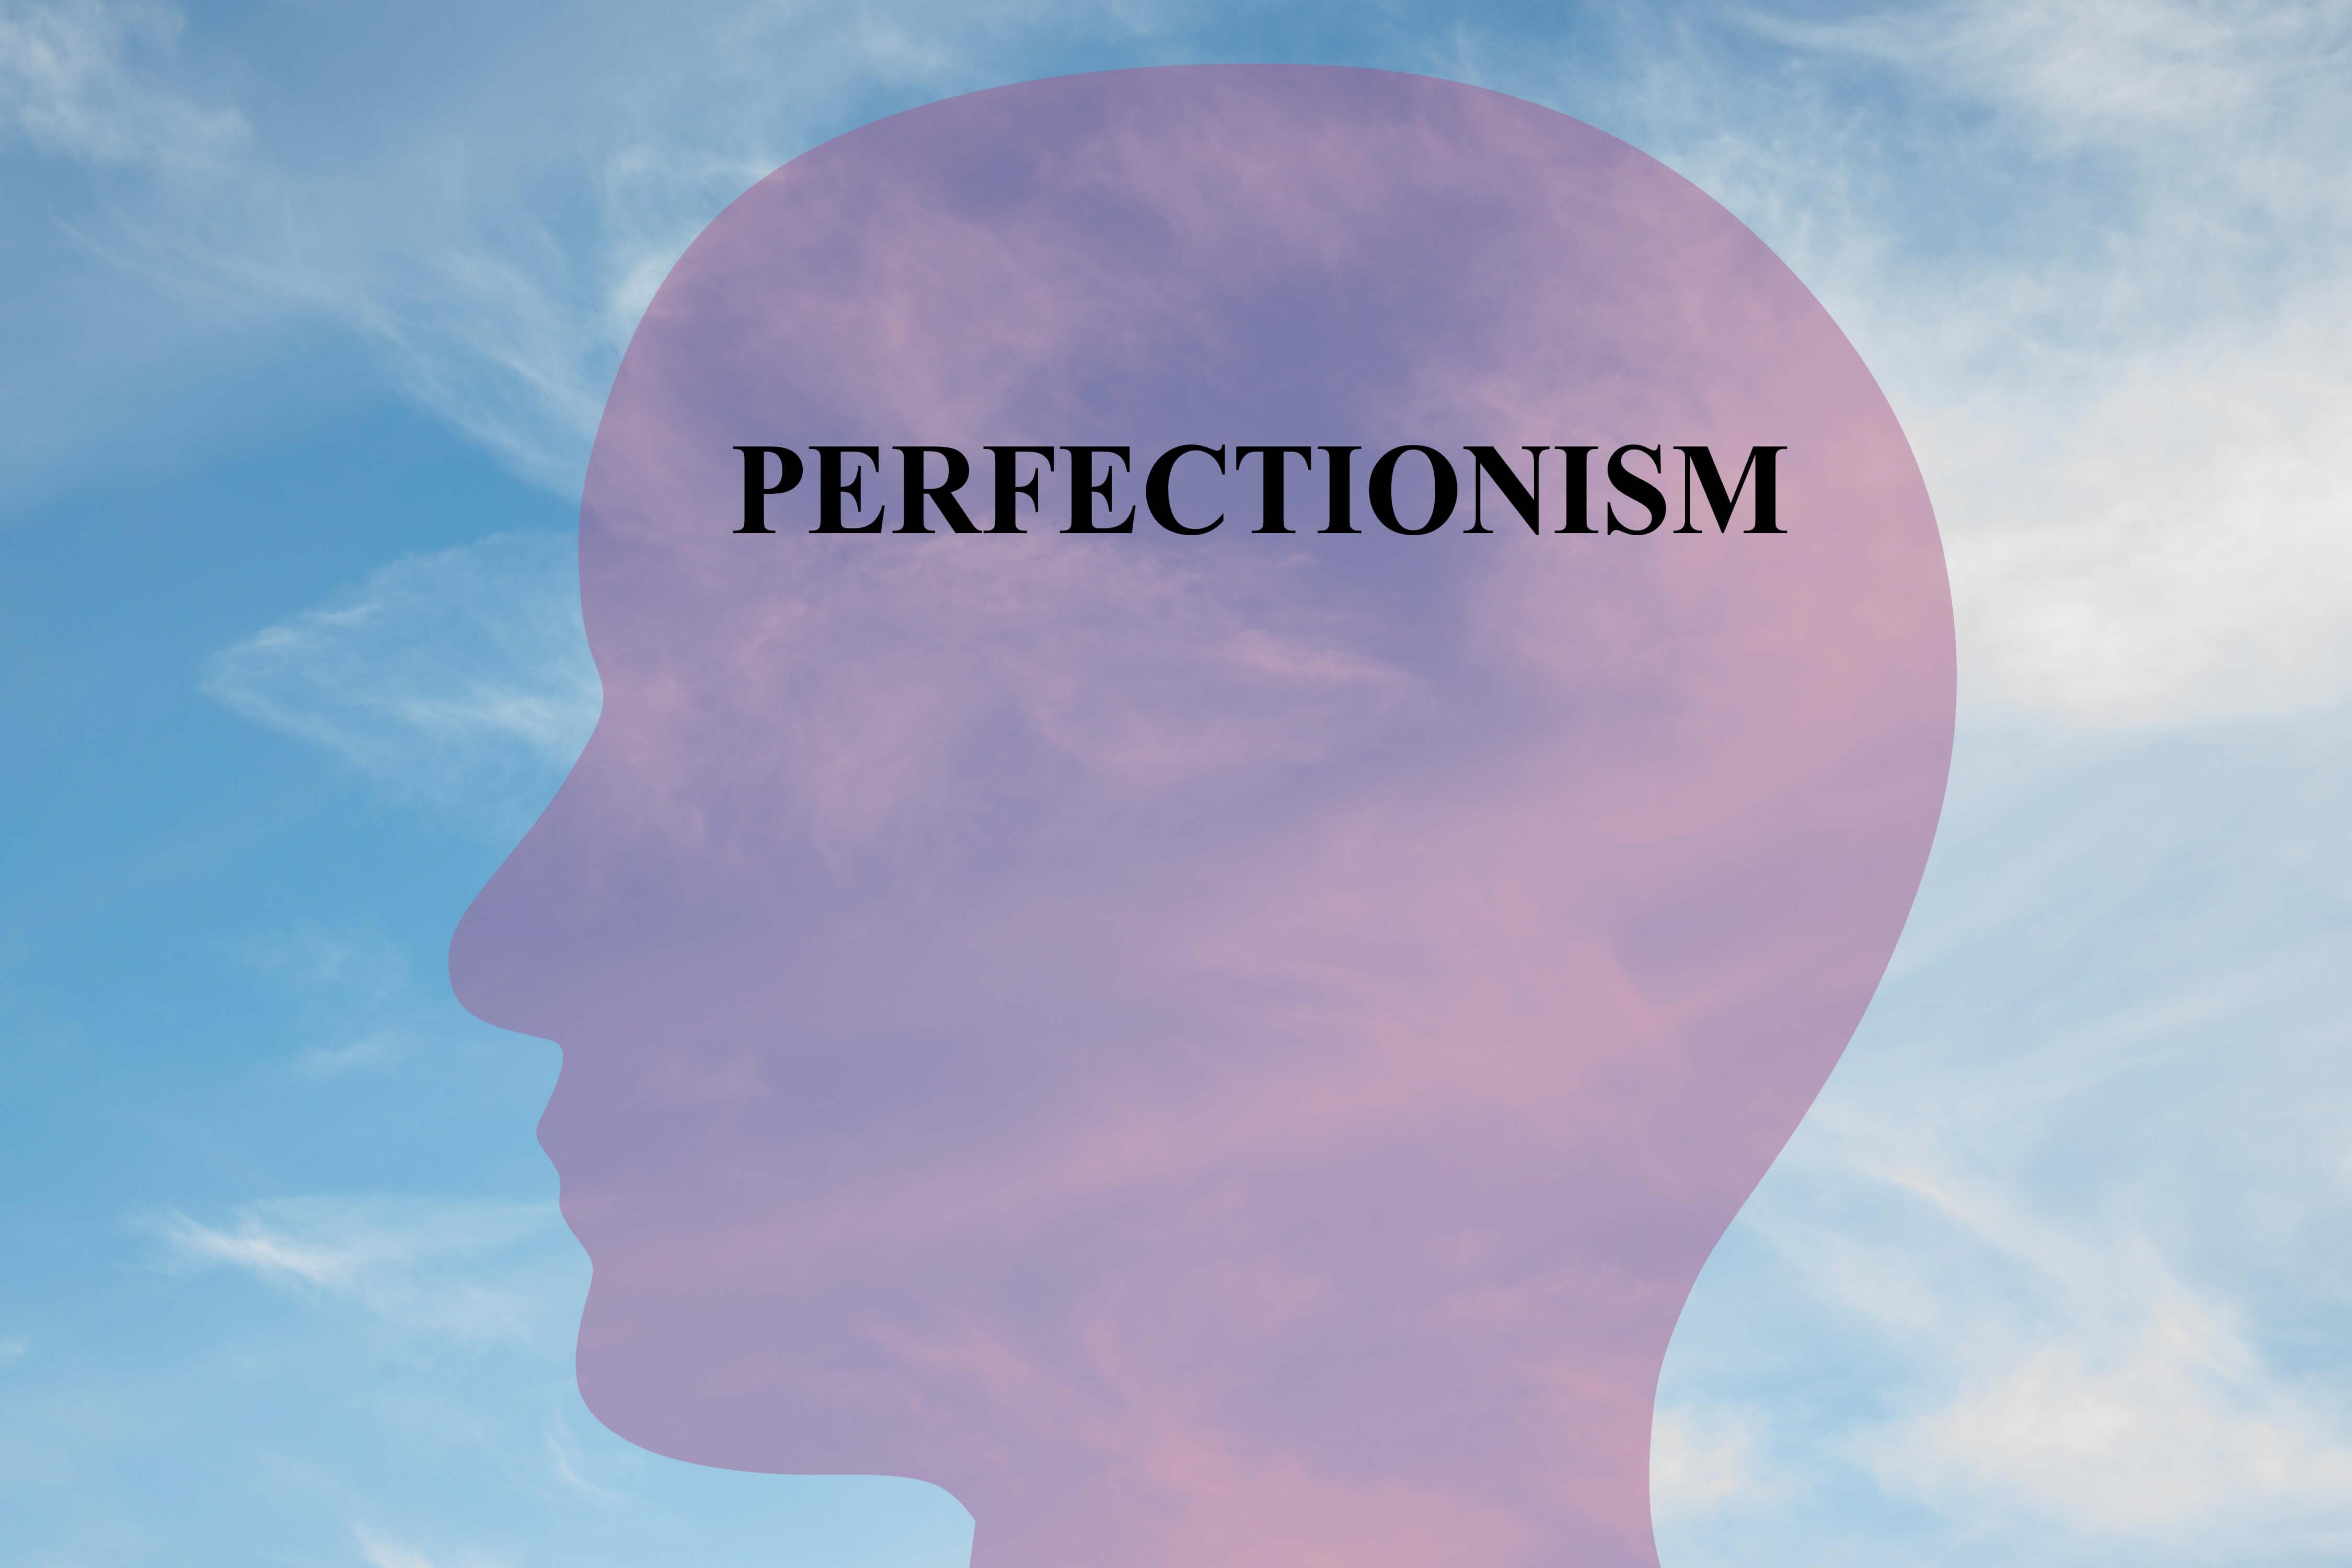 פרפקציוניזם. לא כל כך מושלם.